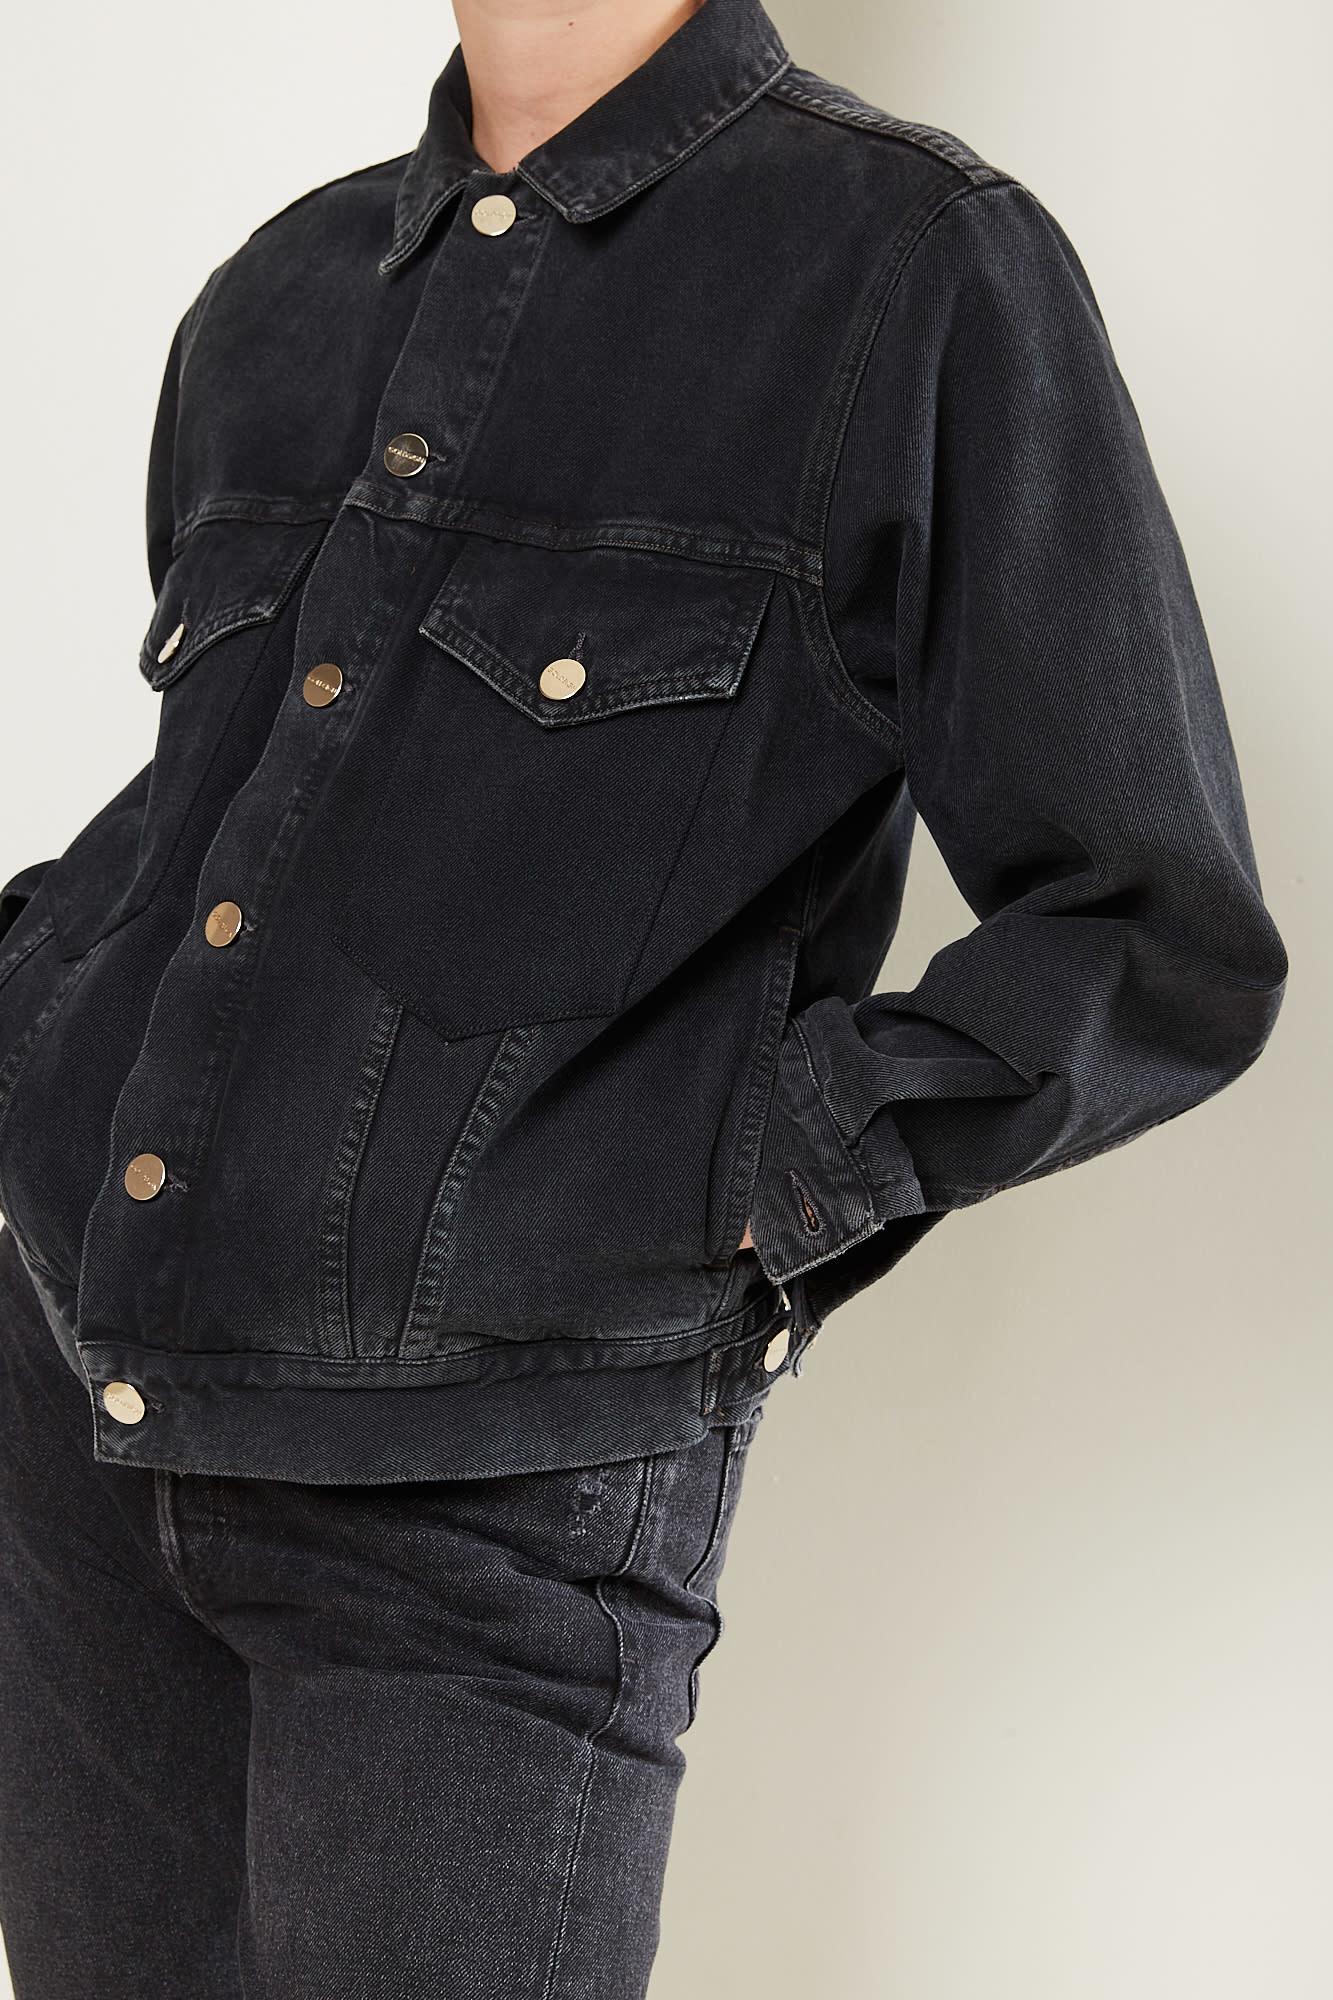 Goldsign the morton jacket morled black